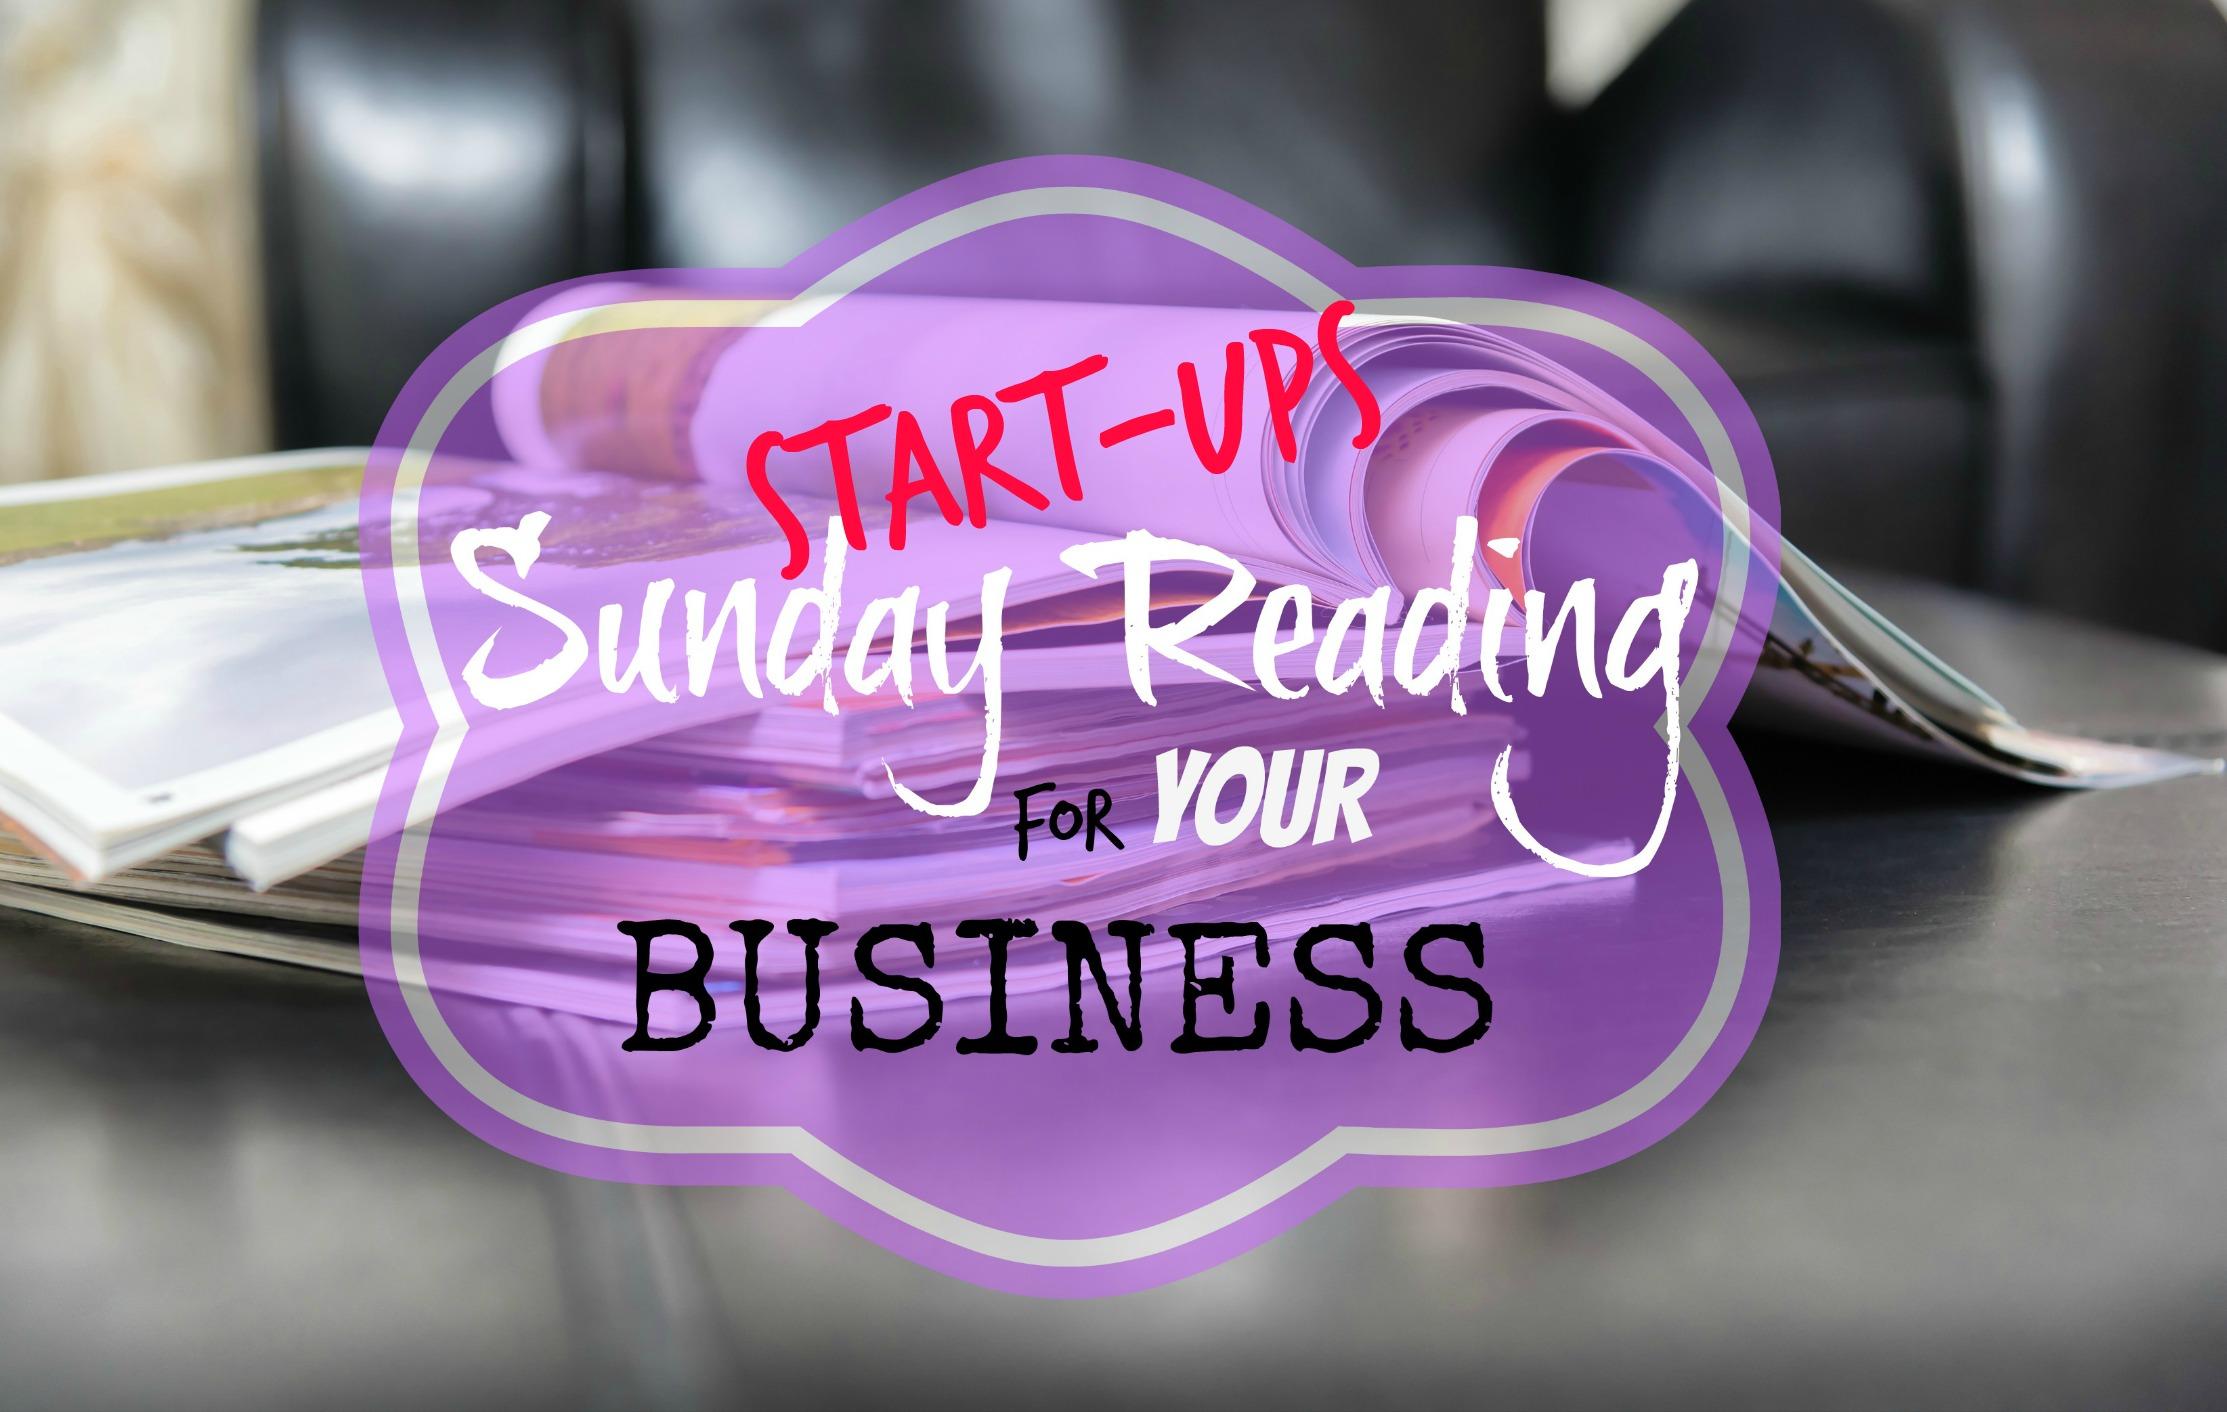 Sunday_reading_business